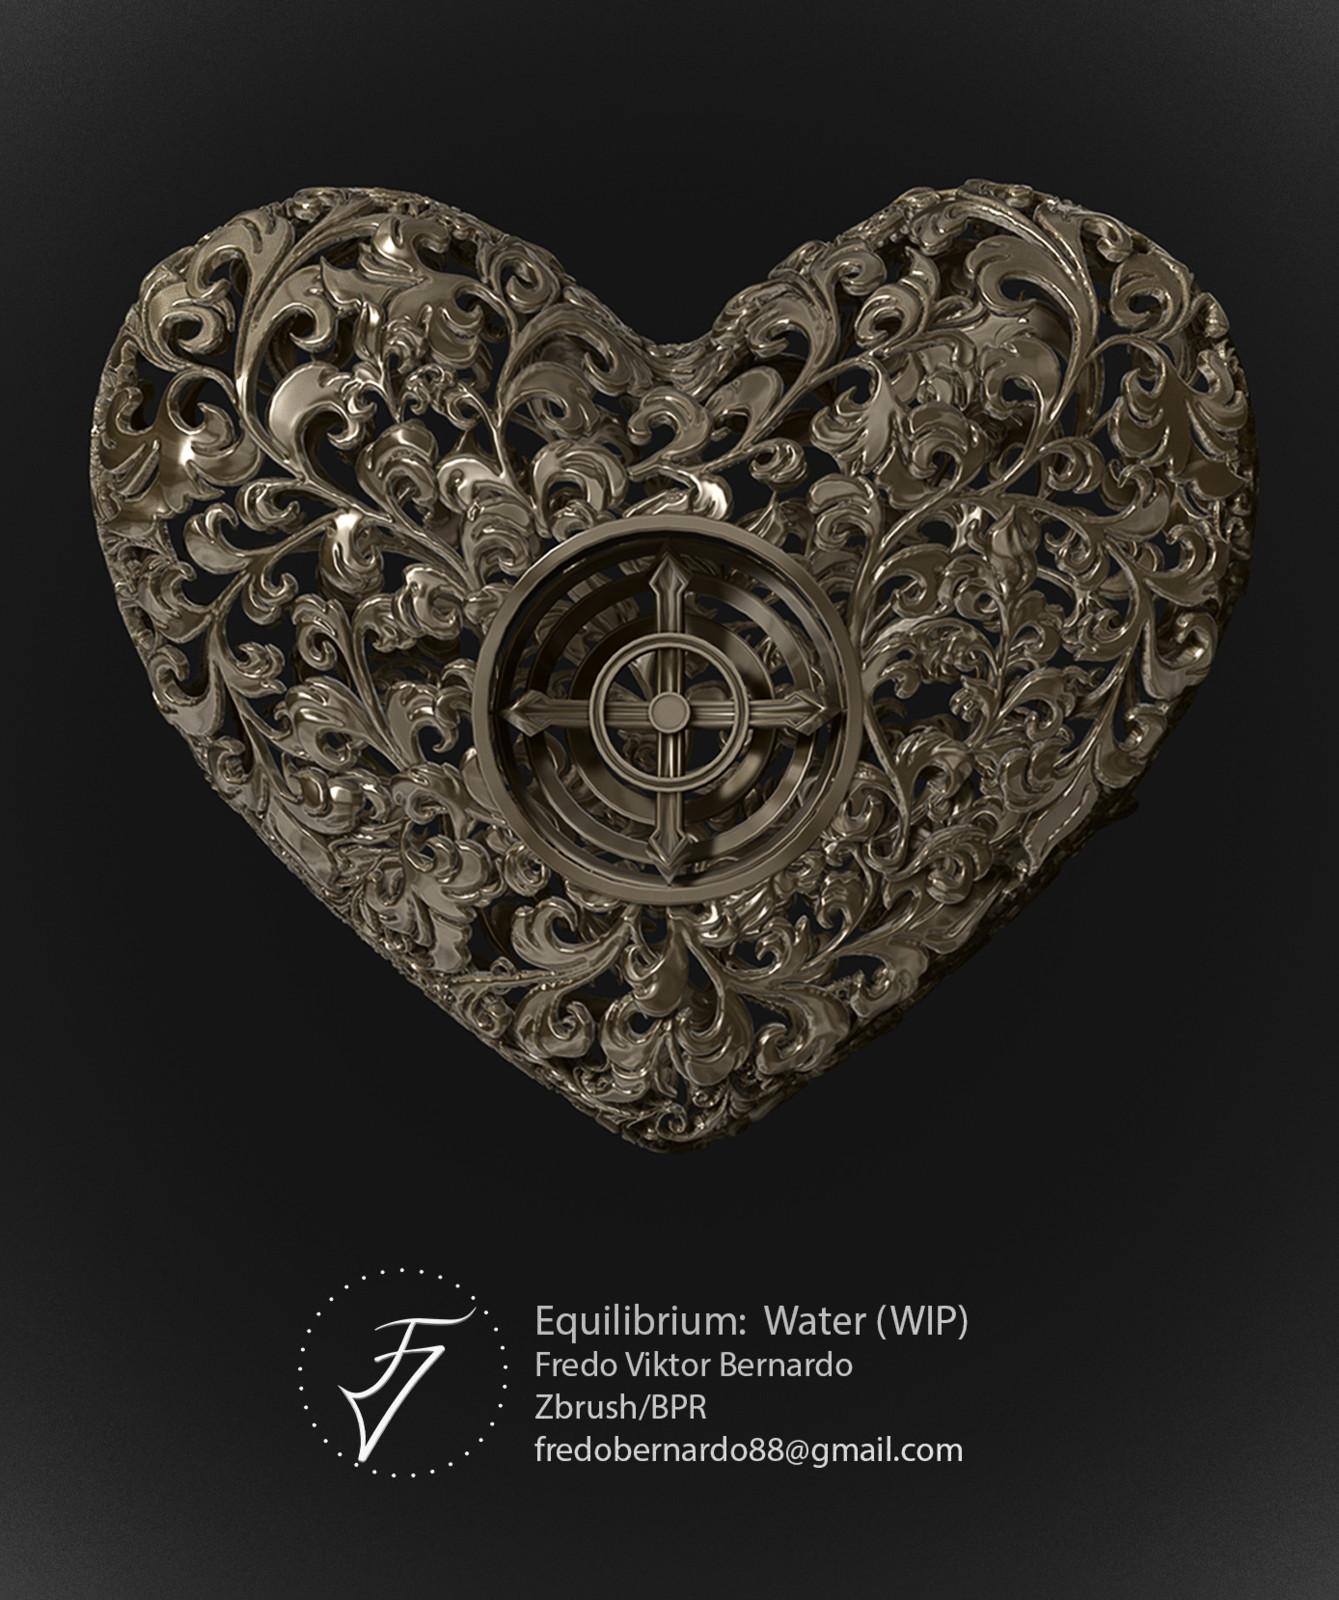 Equilibrium: Water